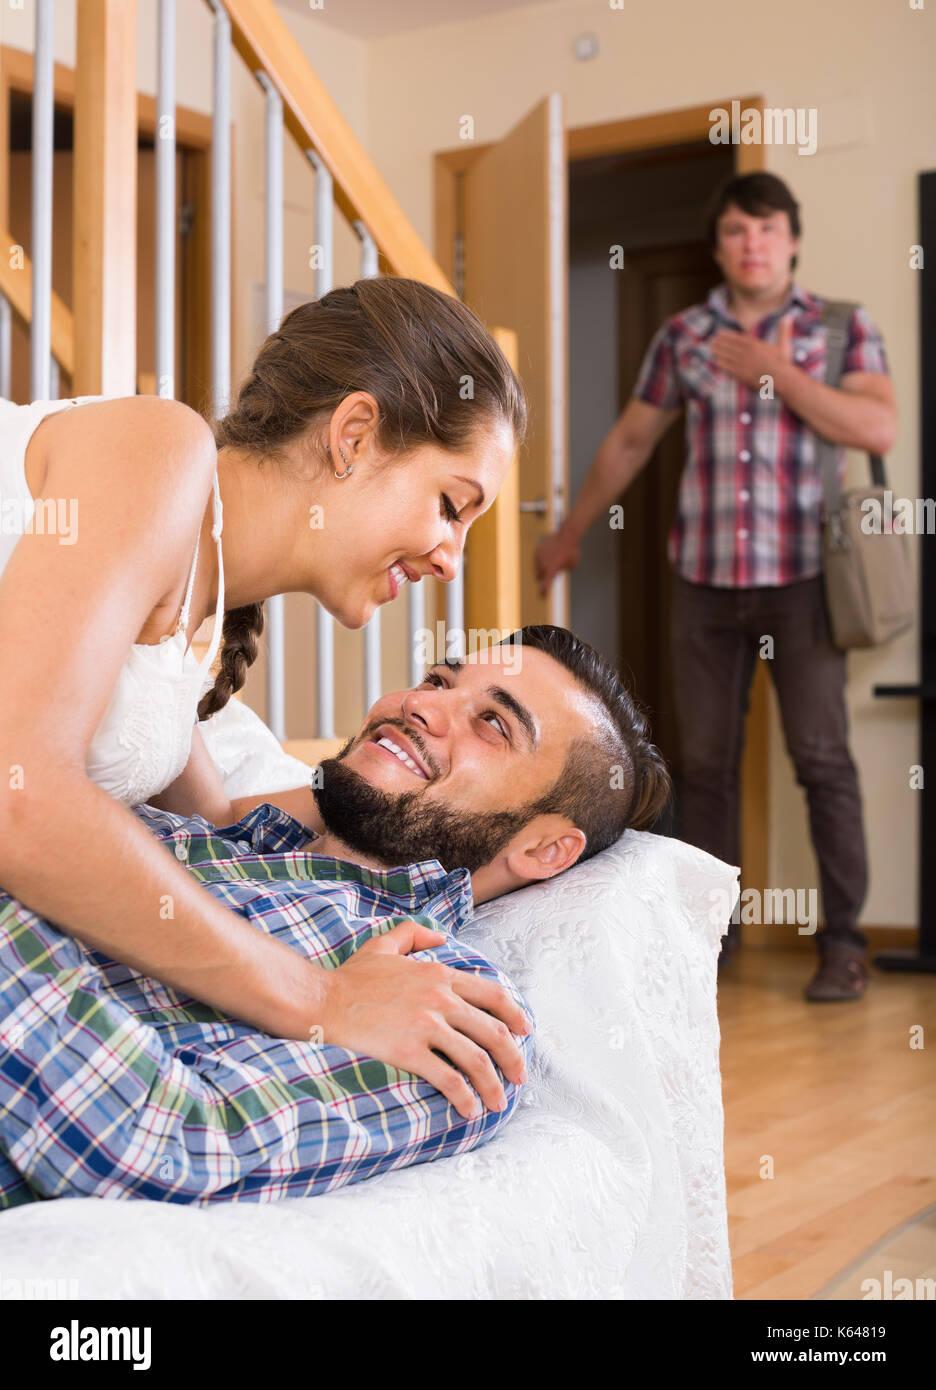 Flirting with friend wife My wife